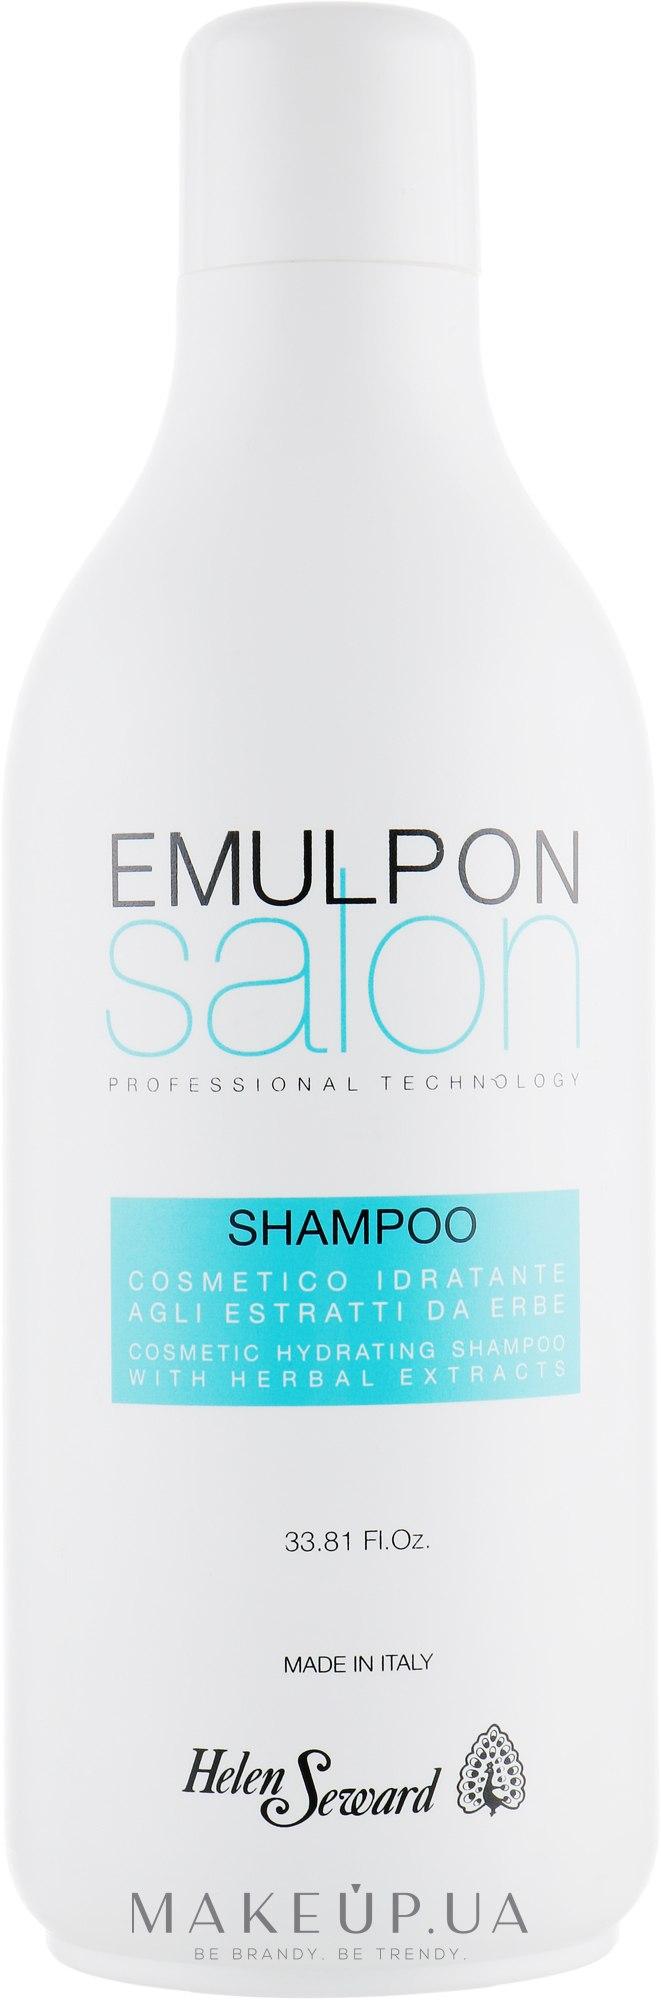 Косметический увлажняющий шампунь с экстрактом трав - Helen Seward Emulpon Salon Hydrating Shampoo — фото 1000ml